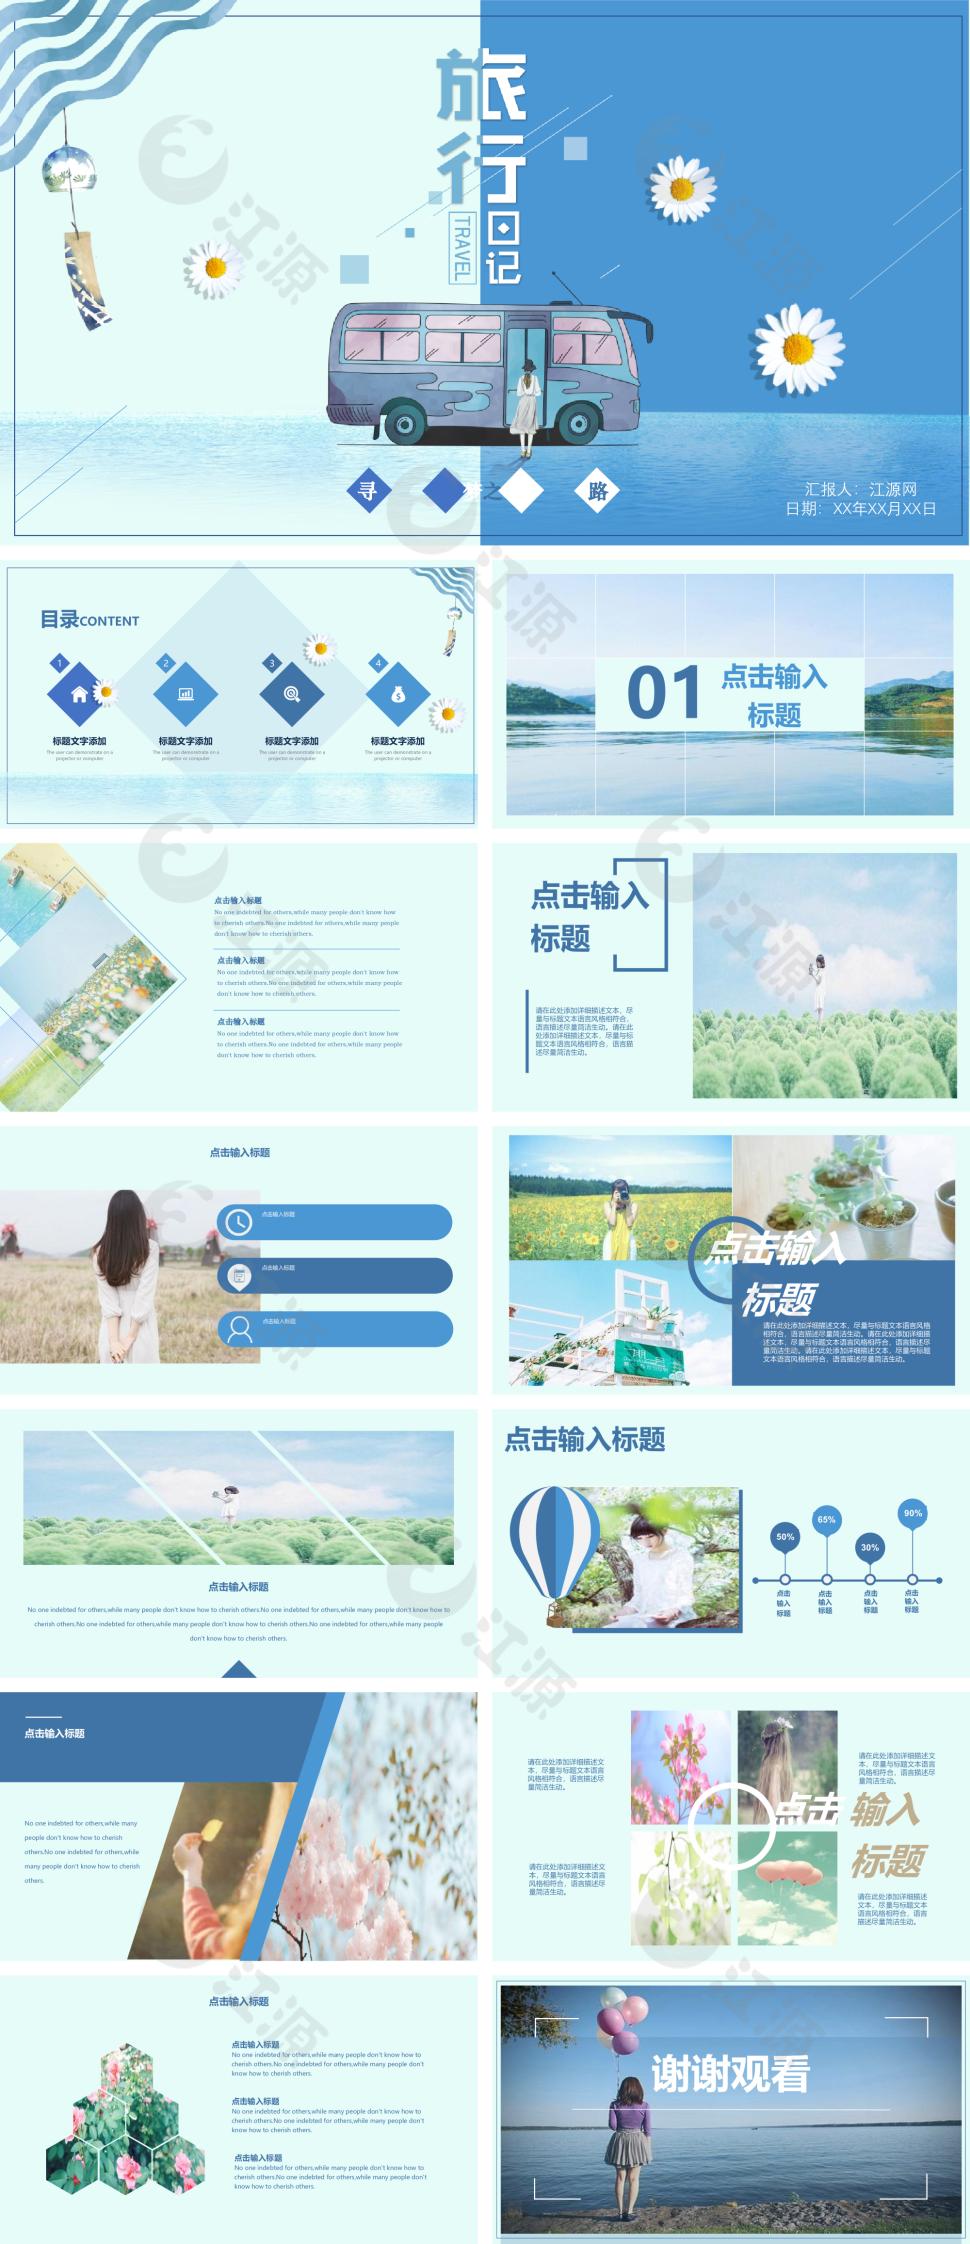 蓝色小清新简约旅游日记PPT模板